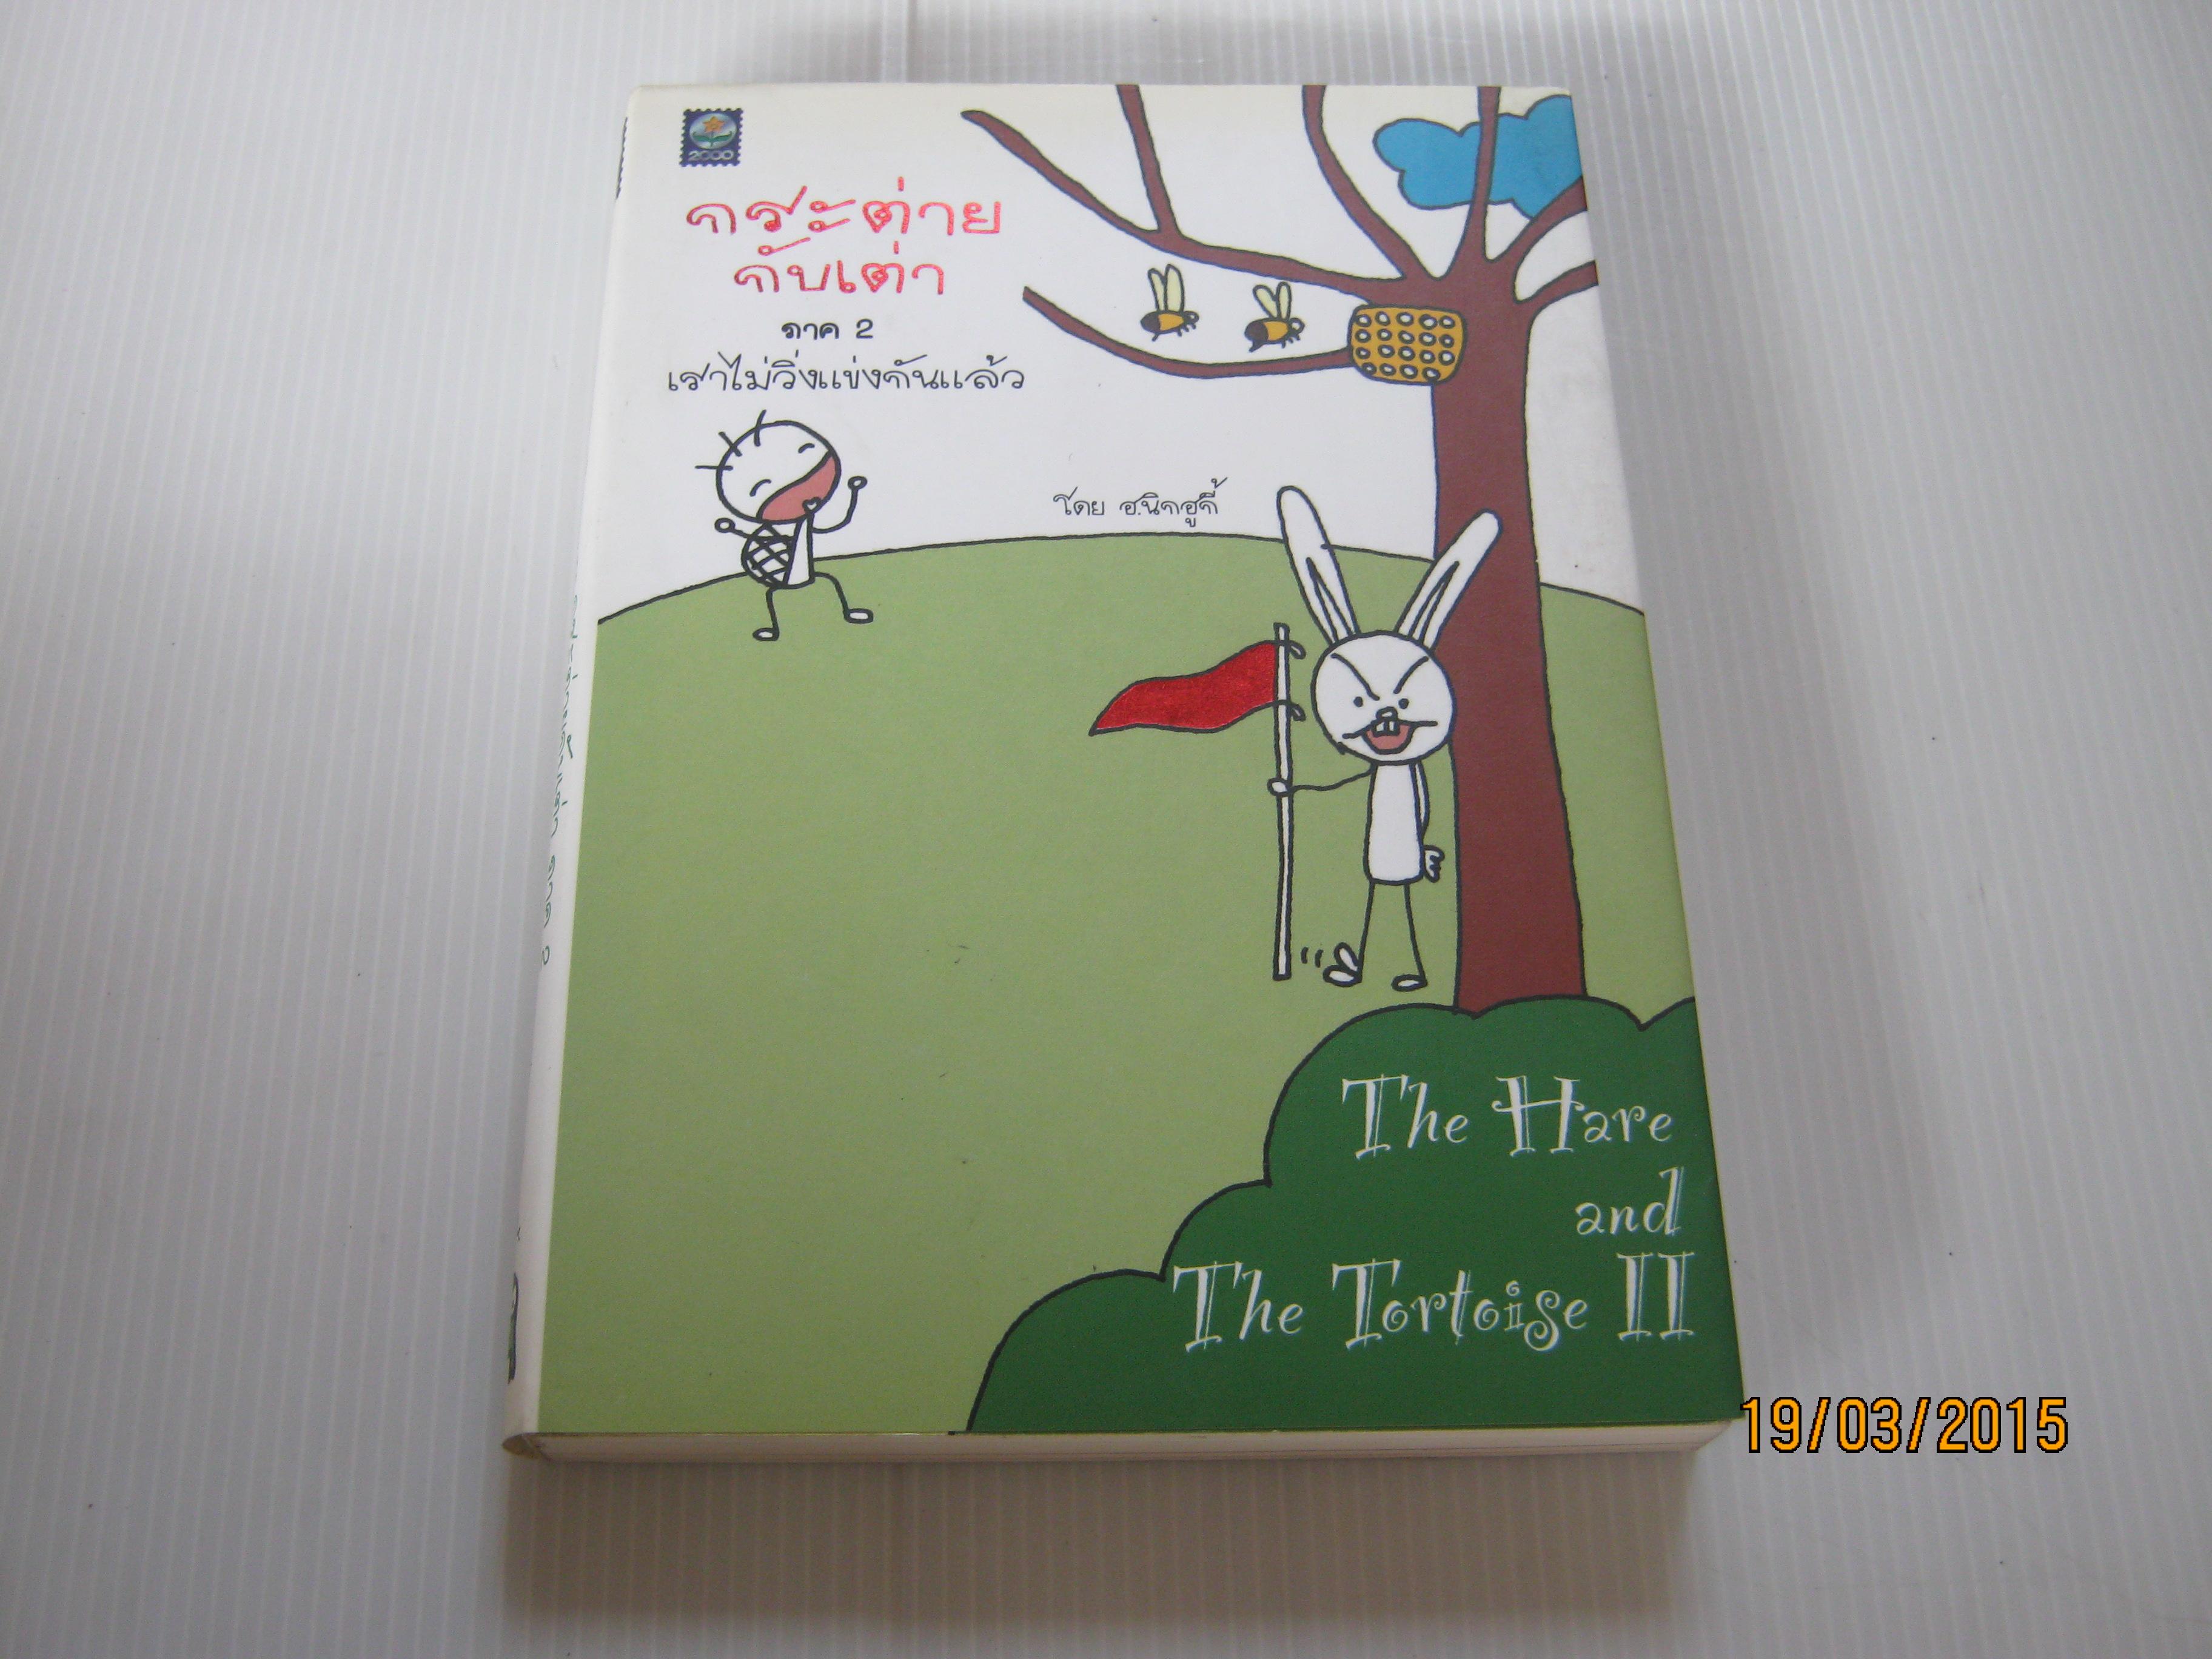 กระต่ายกับเต่า ภาค 2 เราไม่วิ่งแข่งกันแล้ว (The Hare and The Tortoise II) โดย ฮ.นิกฮูกี้